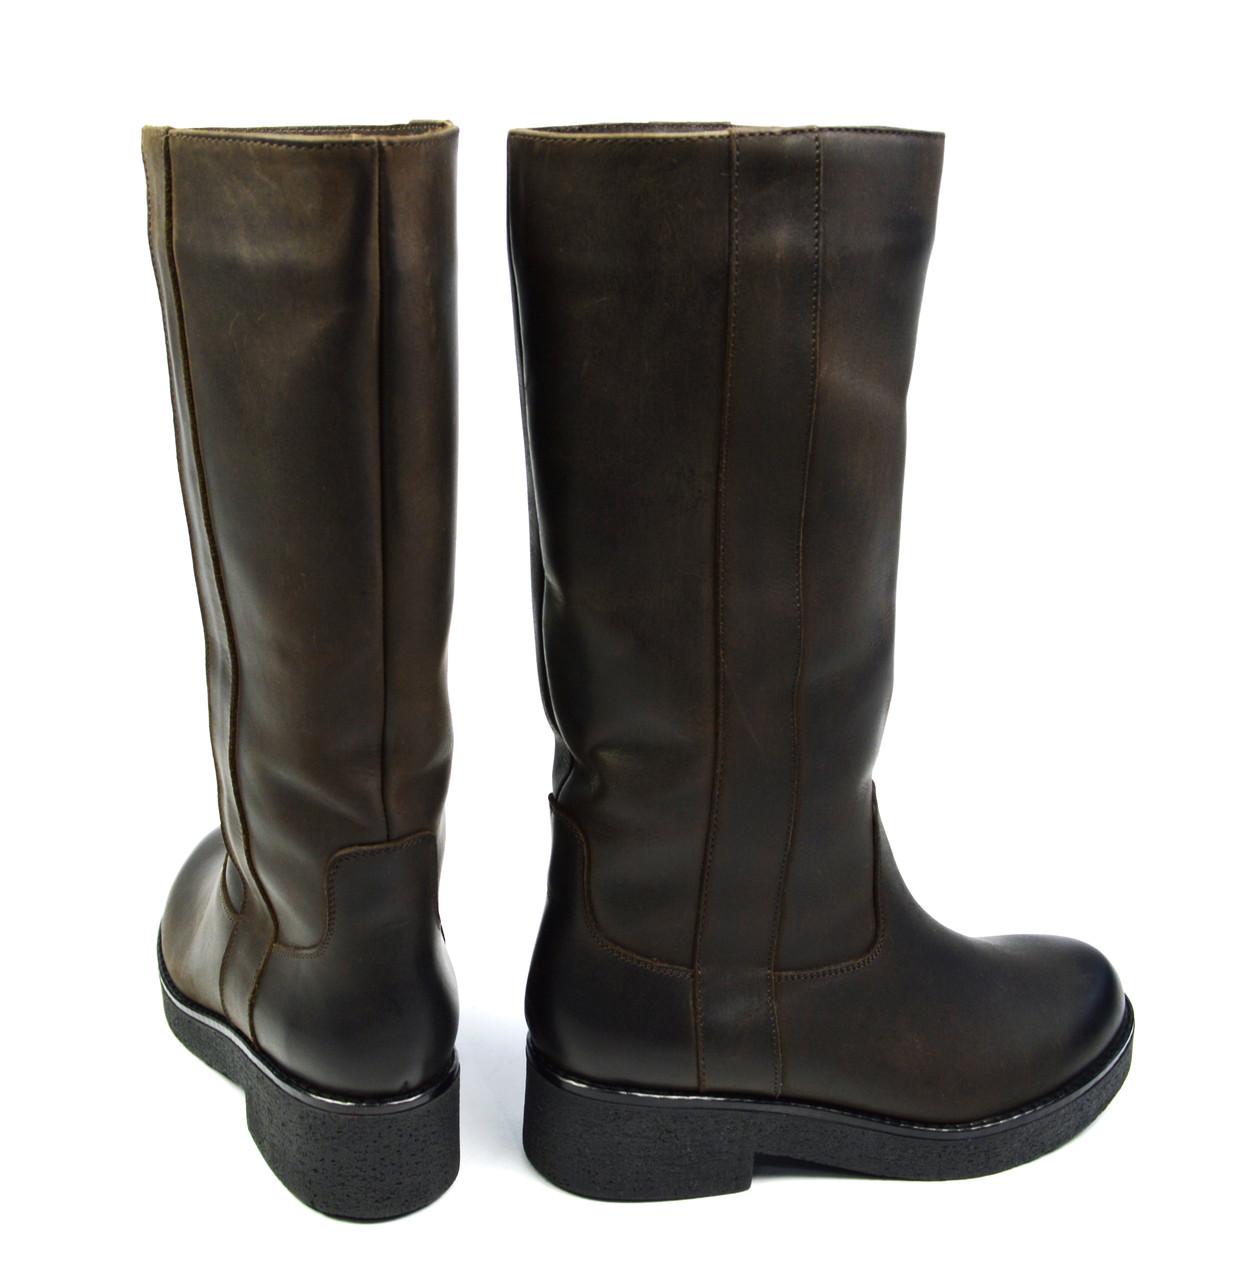 a7d63c9e9 ... Темно-коричневые зимние женские кожаные сапоги BLIZZARINI на меху (  шерсть, европейка ),